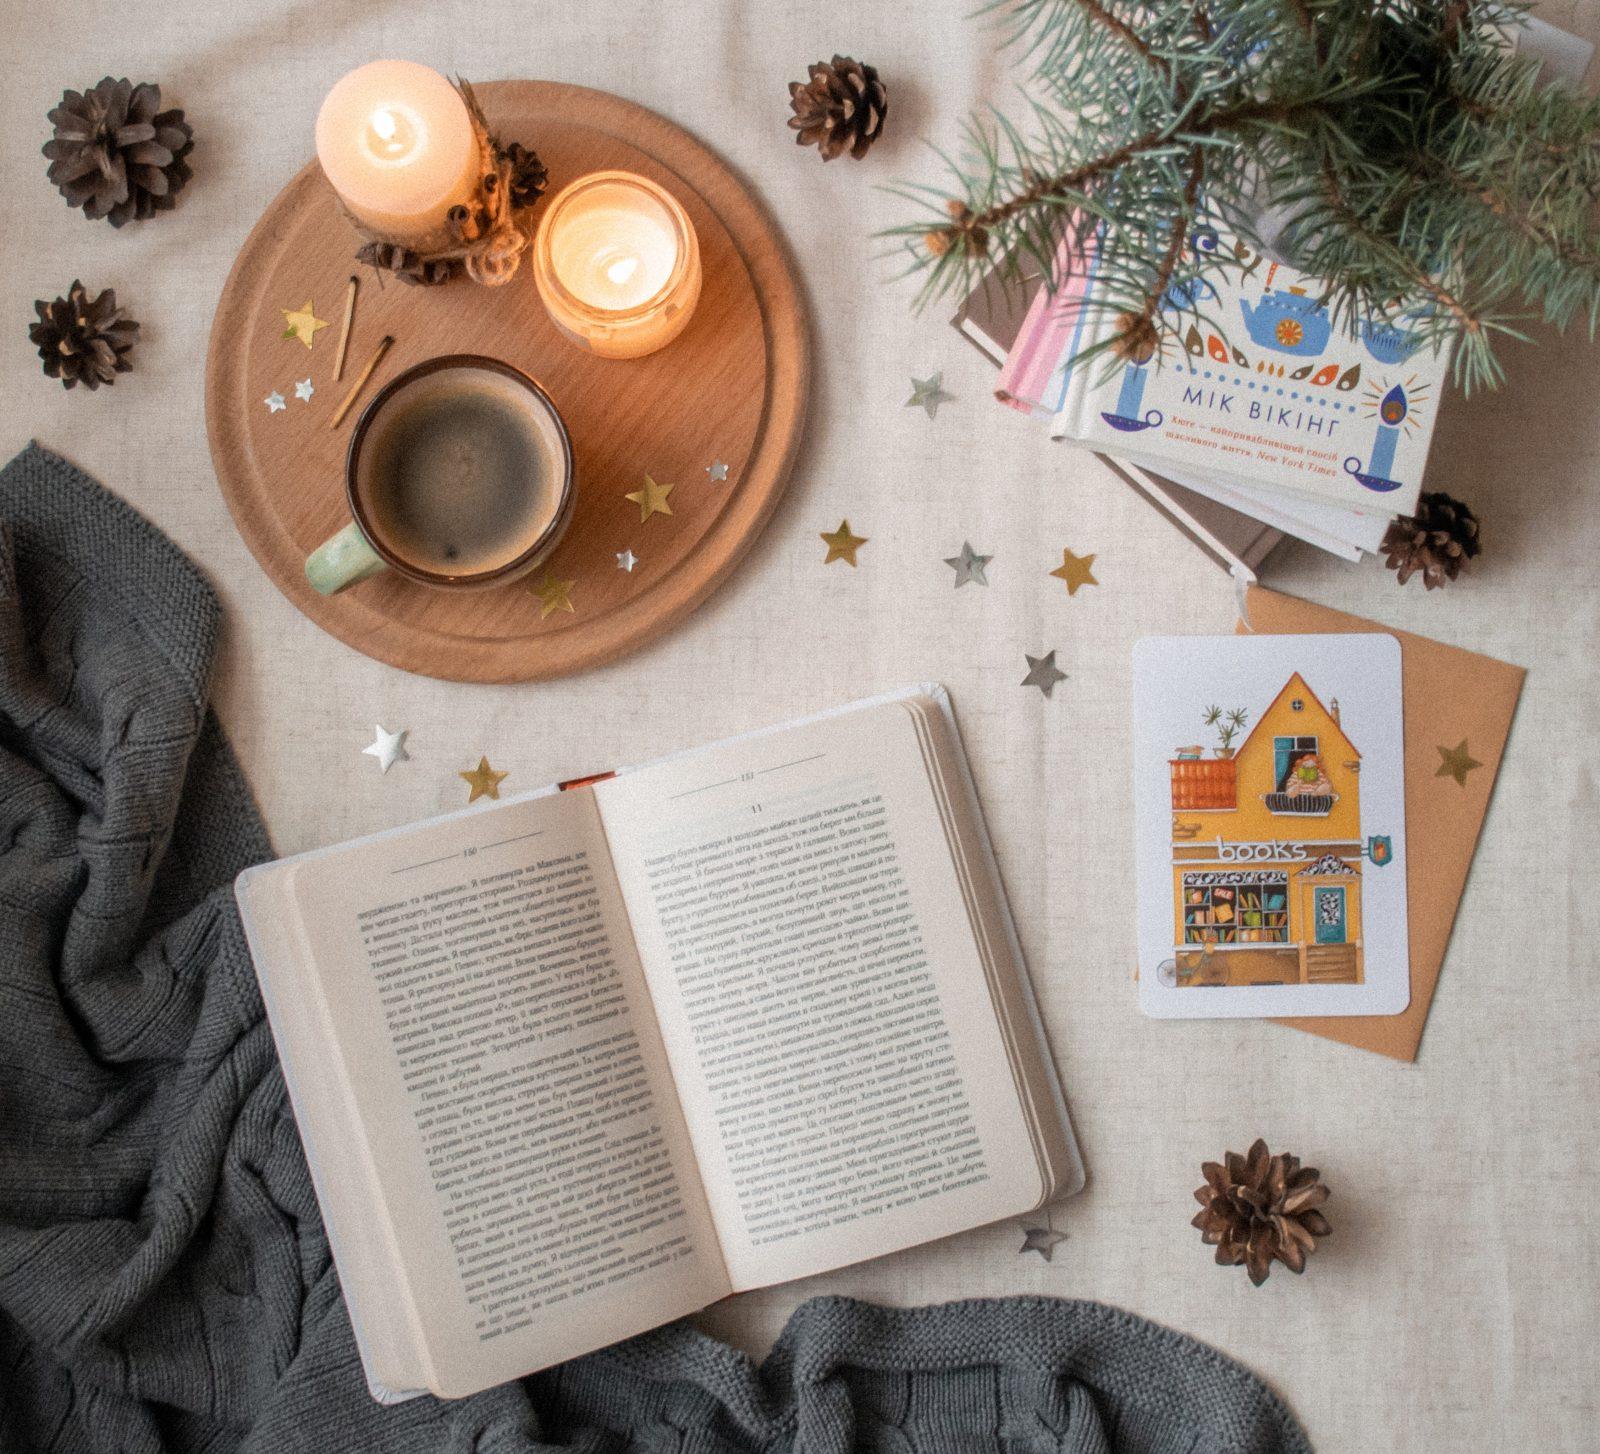 Des suggestions de lecture pour attaquer l'hiver